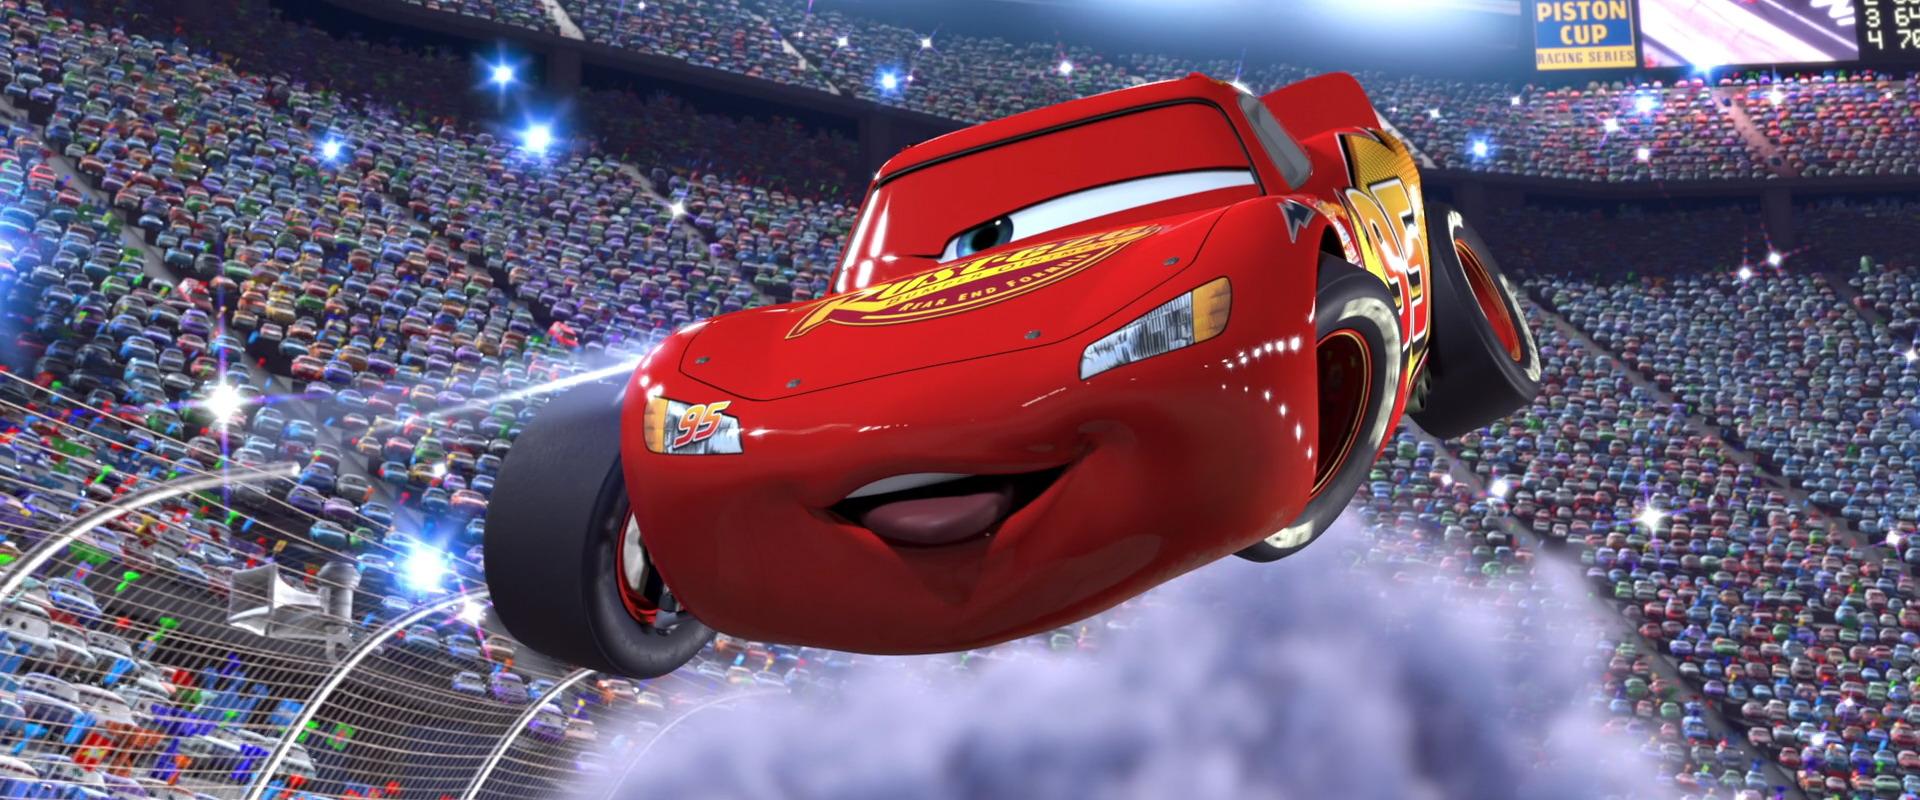 Lightning Mcqueen Race Car Games